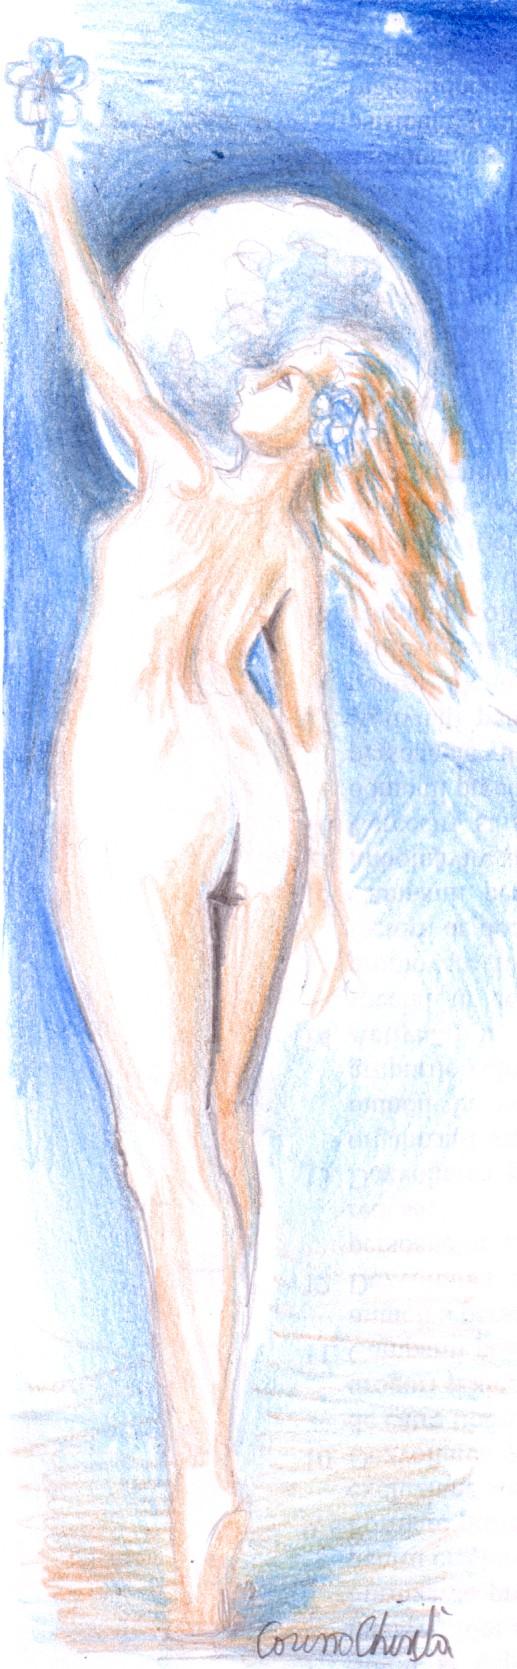 Ca un stalp stau in luna ce frumoasa ce nebuna Nudul fetei care a fost muza poeziei Floare albastra, prima si marea iubire a lui Mihai Eminescu